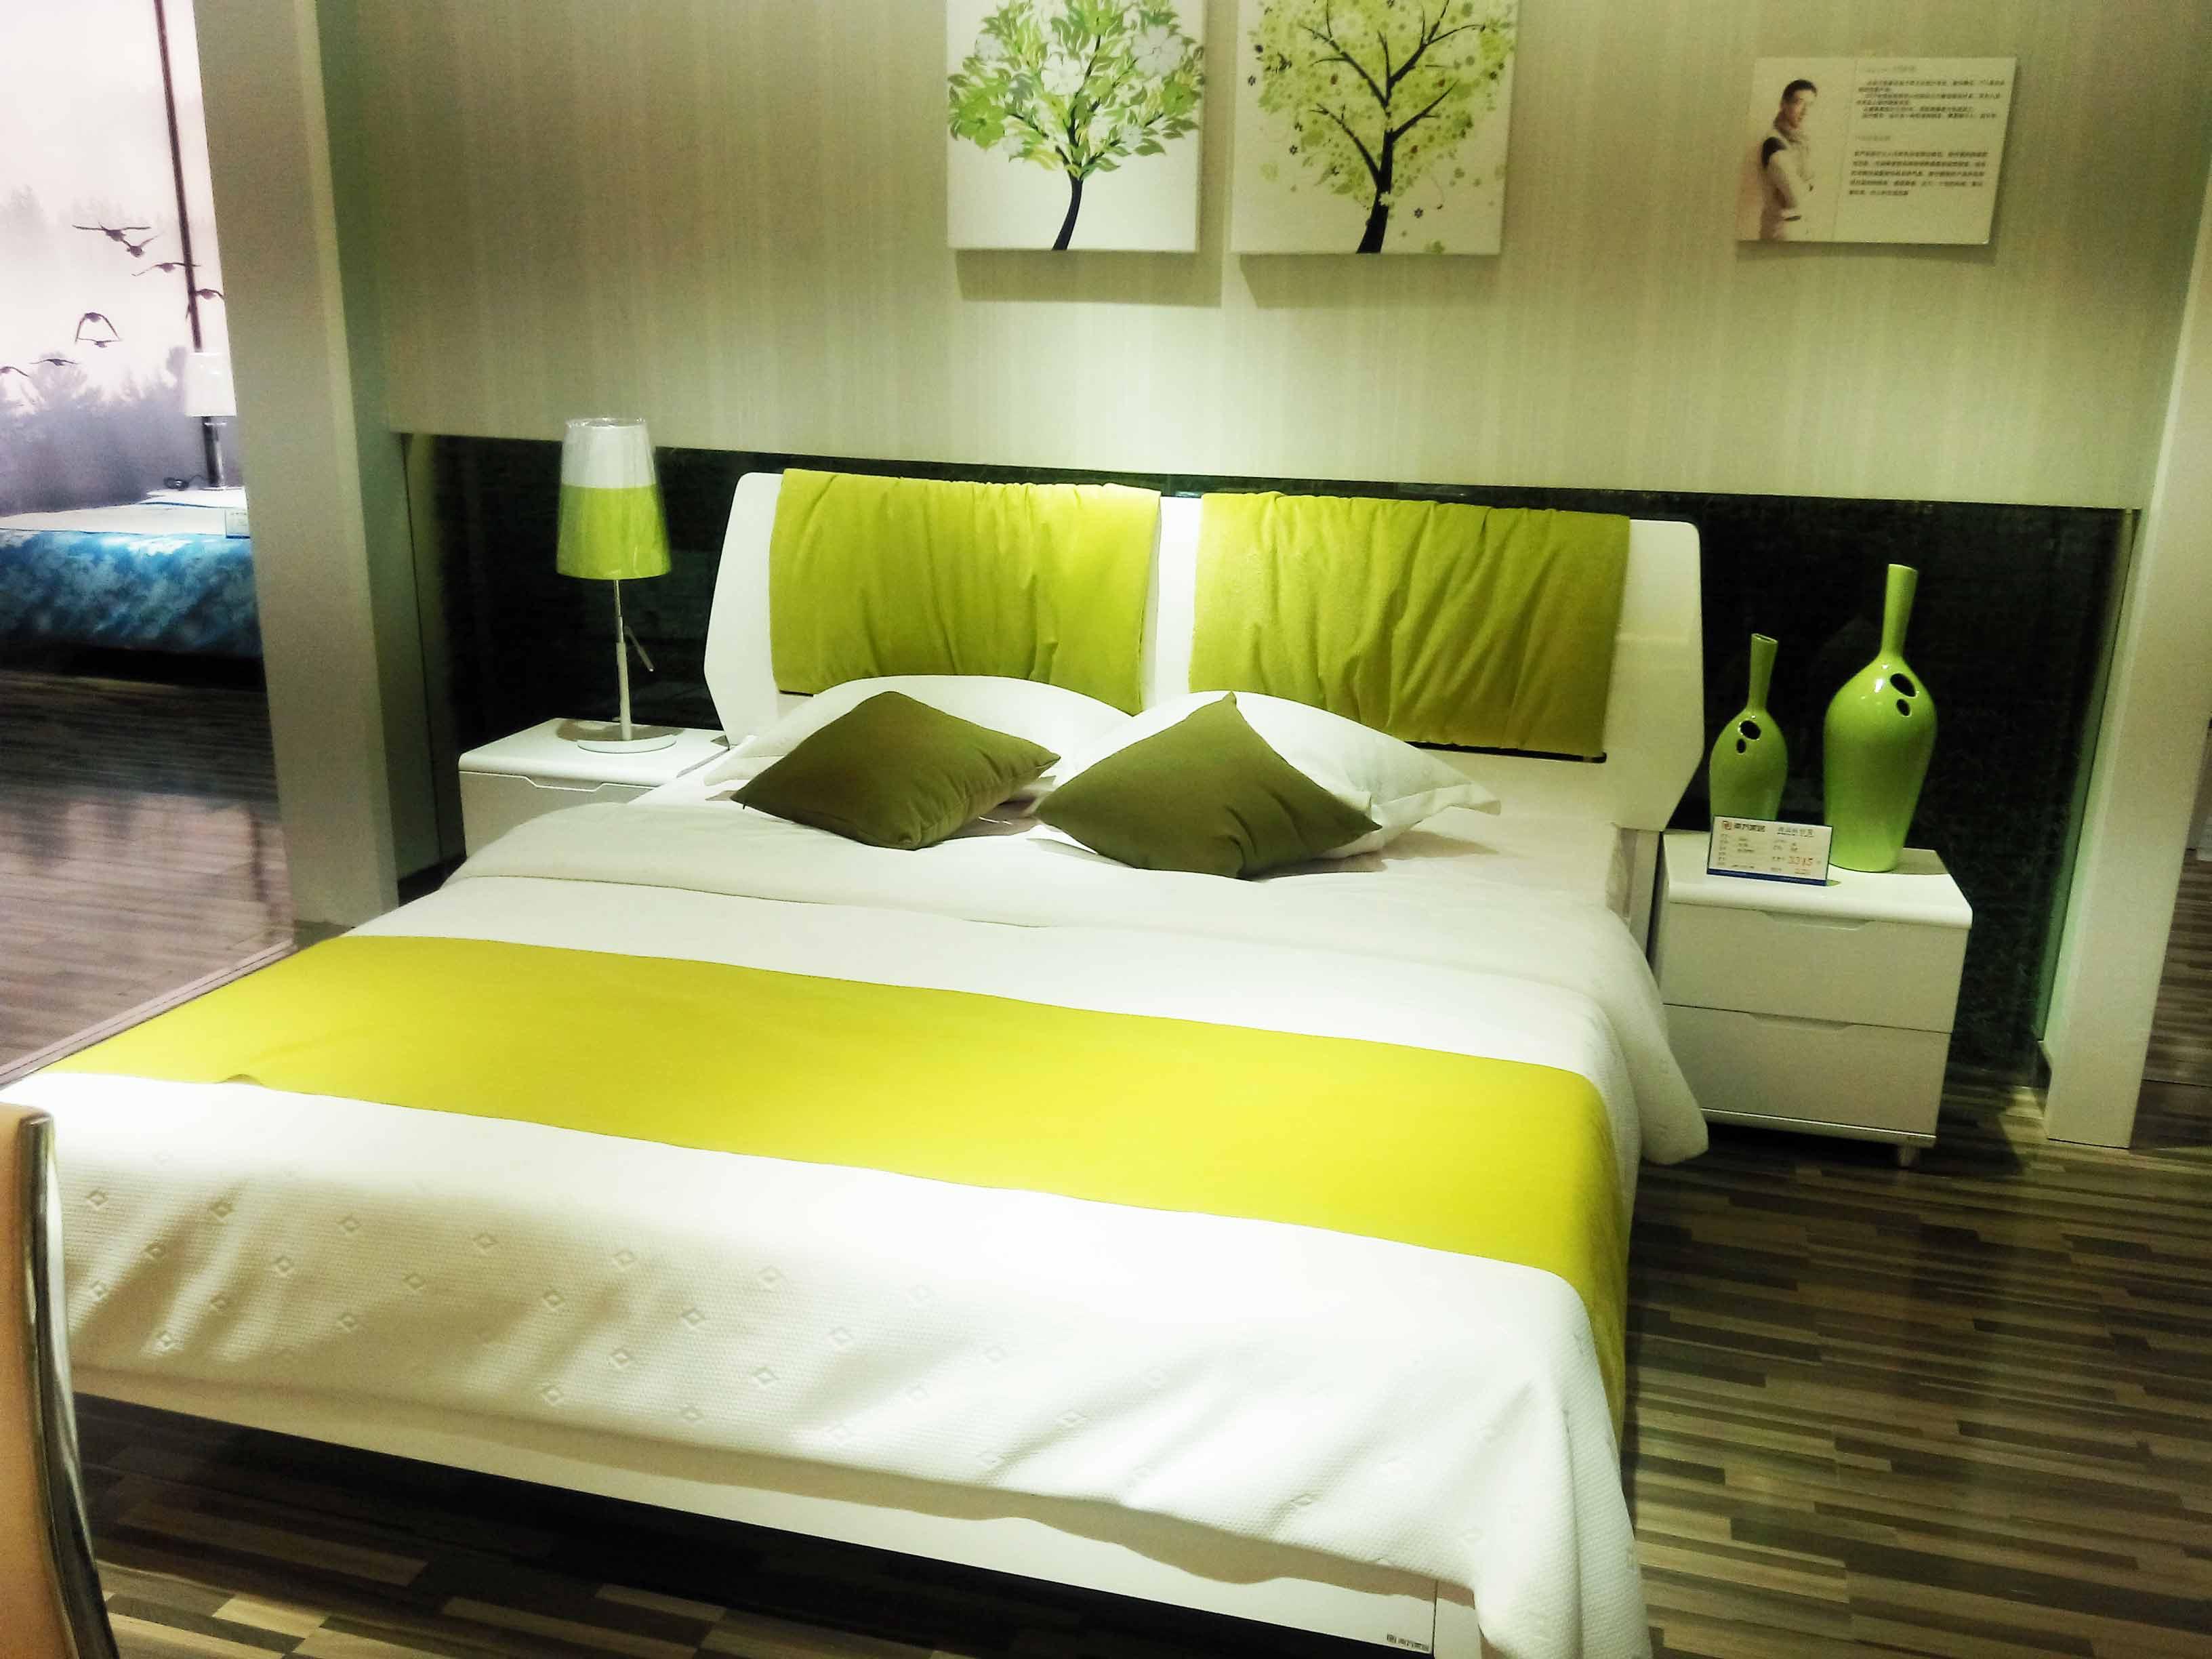 背景墙 床 房间 家居 家具 设计 卧室 卧室装修 现代 装修 3264_2448